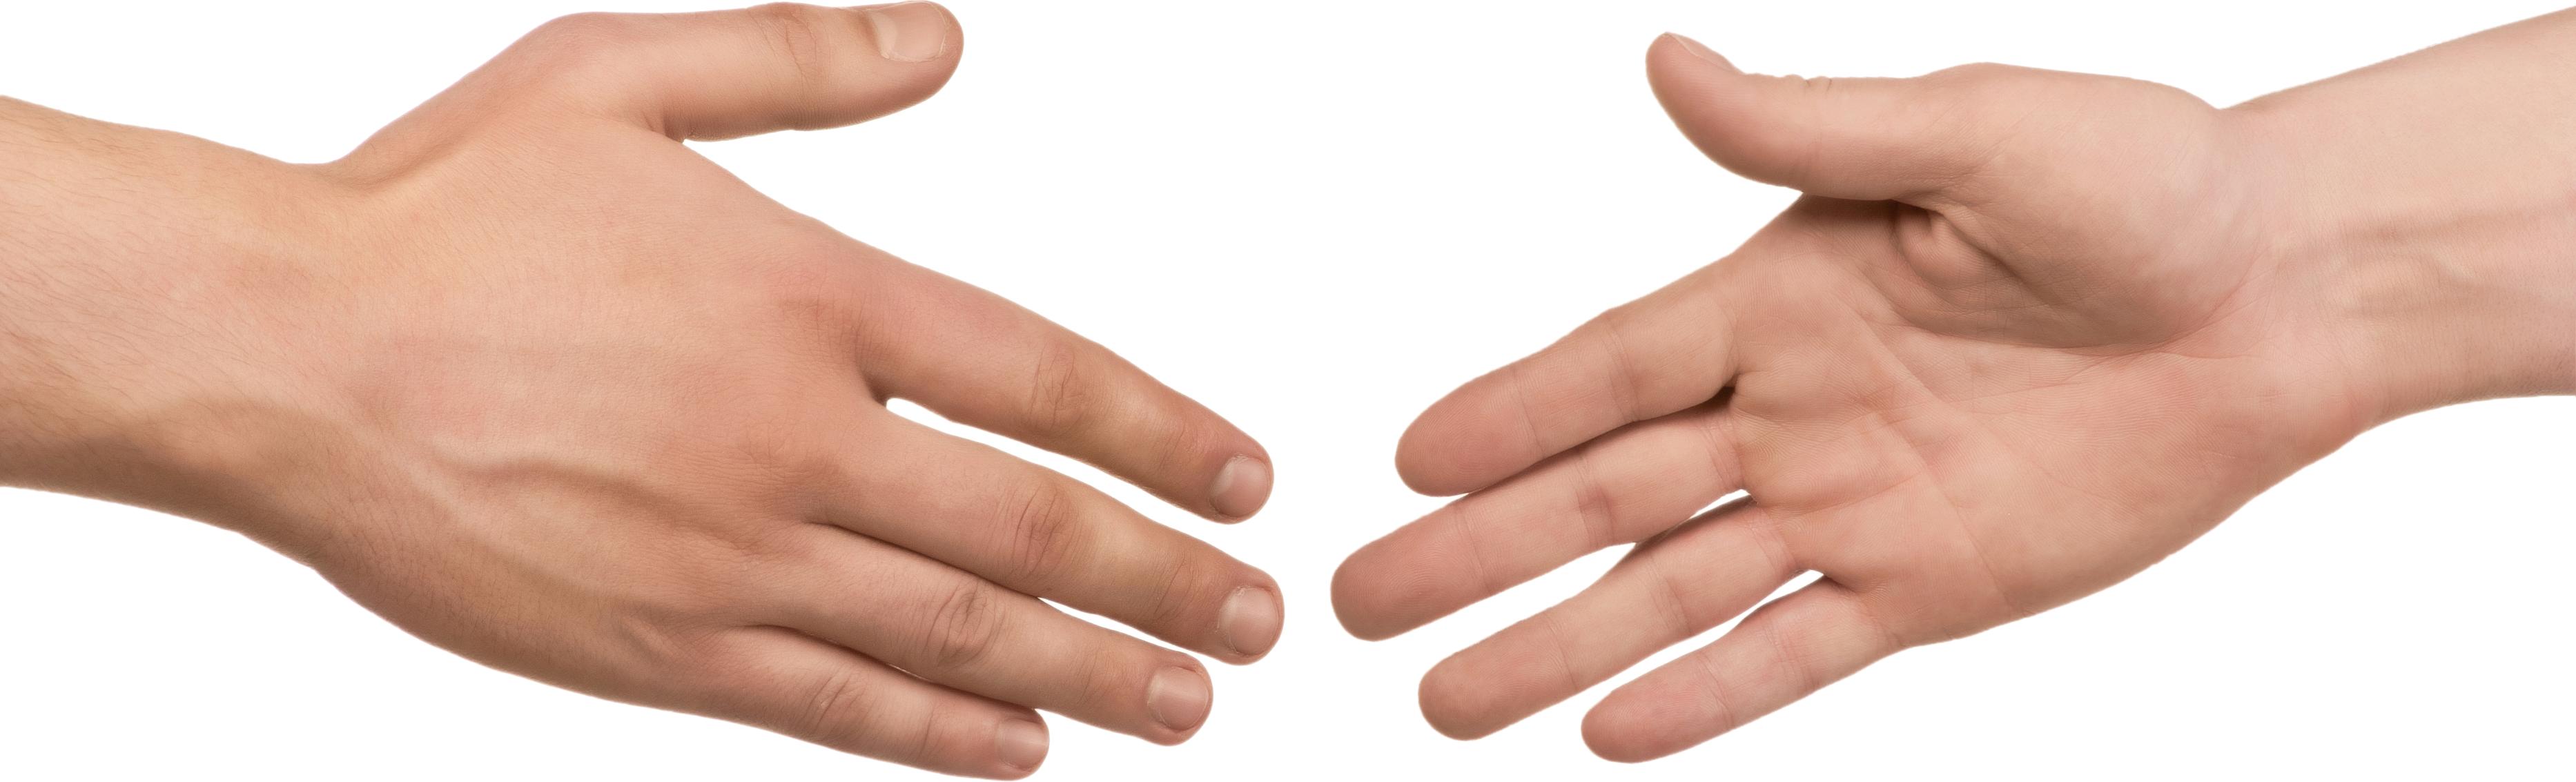 Handshake PNG HD-PlusPNG pluspng.com-3732 - Handshake PNG HD - PNG HD Of Hands